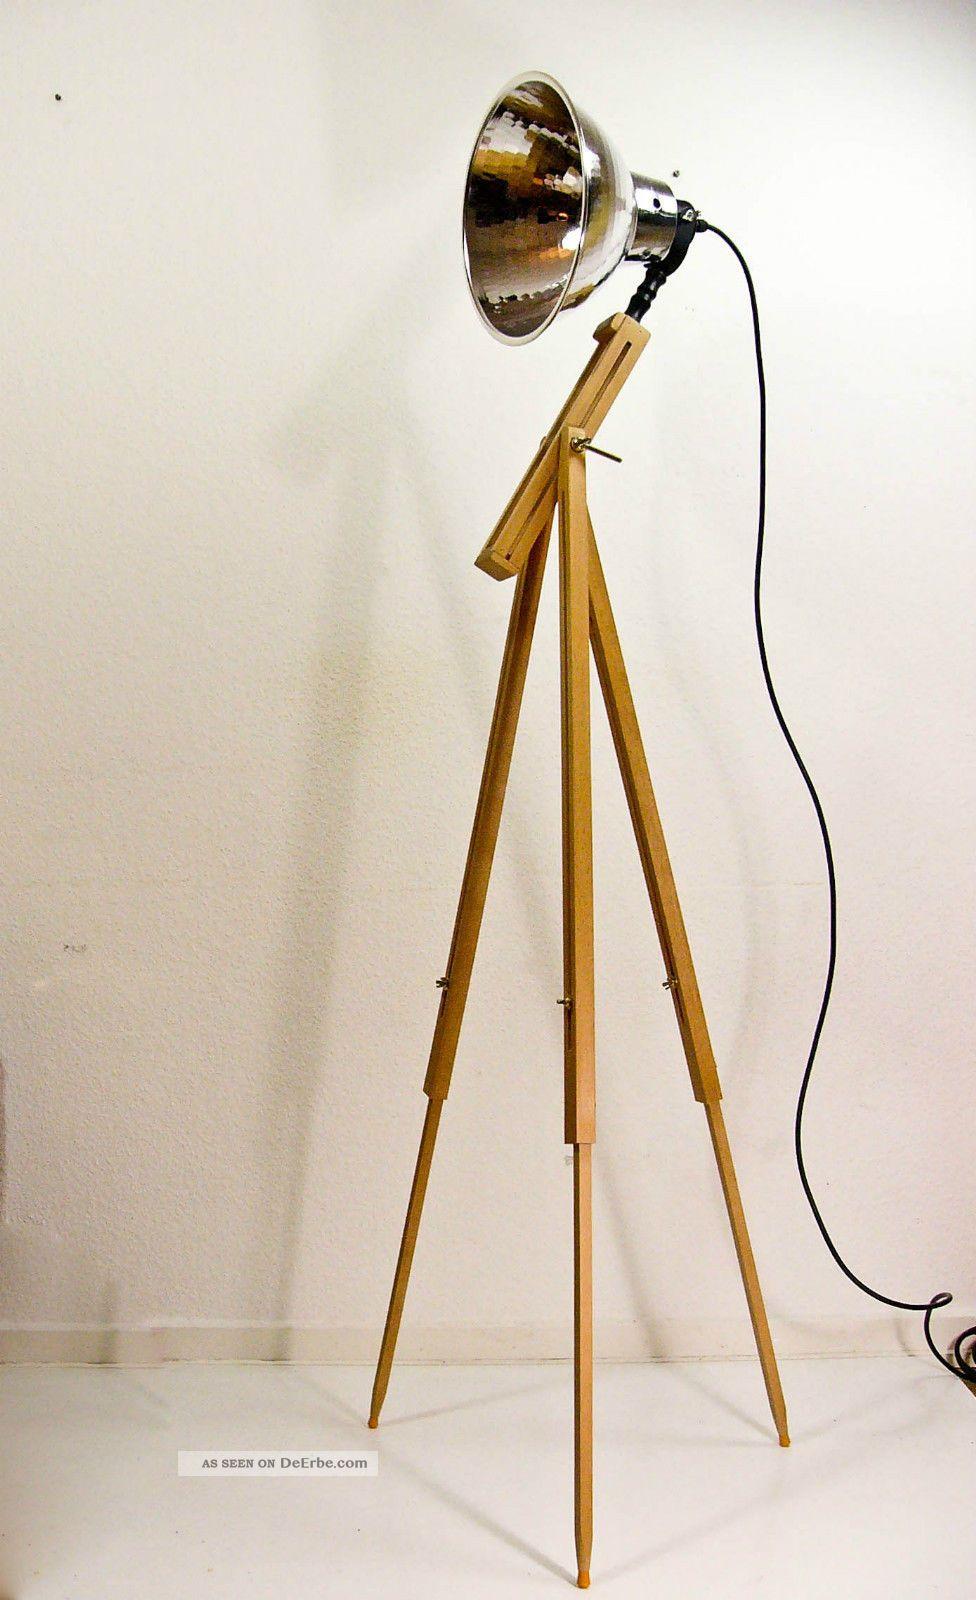 Dreibein Stehlampe Scheinwerfer Tripod Holz Stativ Lampe Vintage